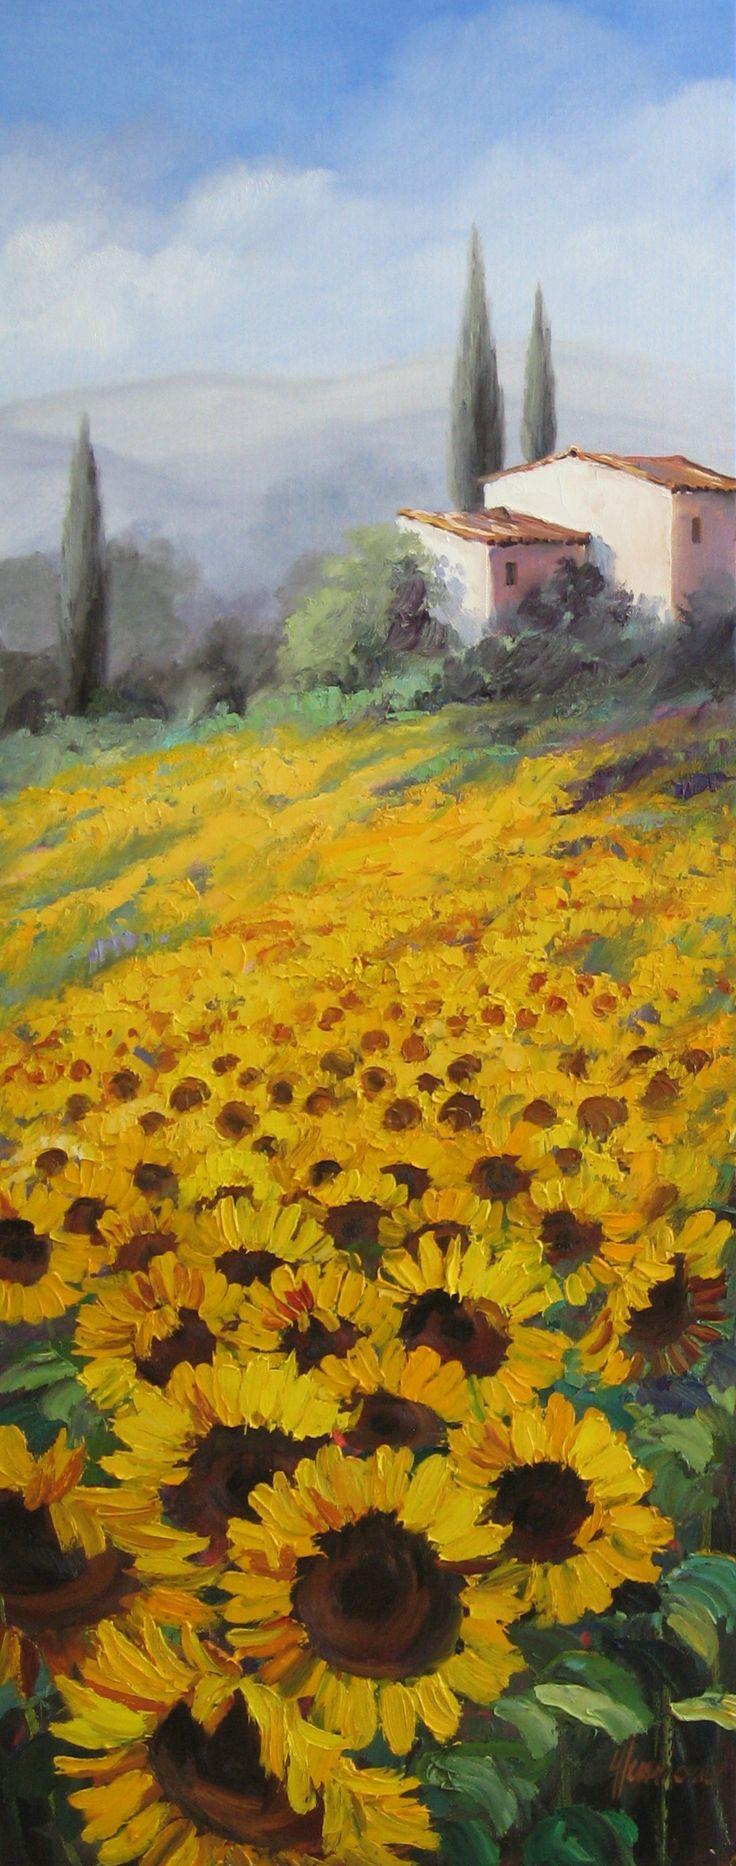 Sonnenblumenfeld mit Haus und Zypressen in der Provence |  Ute Herrmann Künstlerin | Original Ölgemälde. www.ute-herrmann-kunstmalerin.de